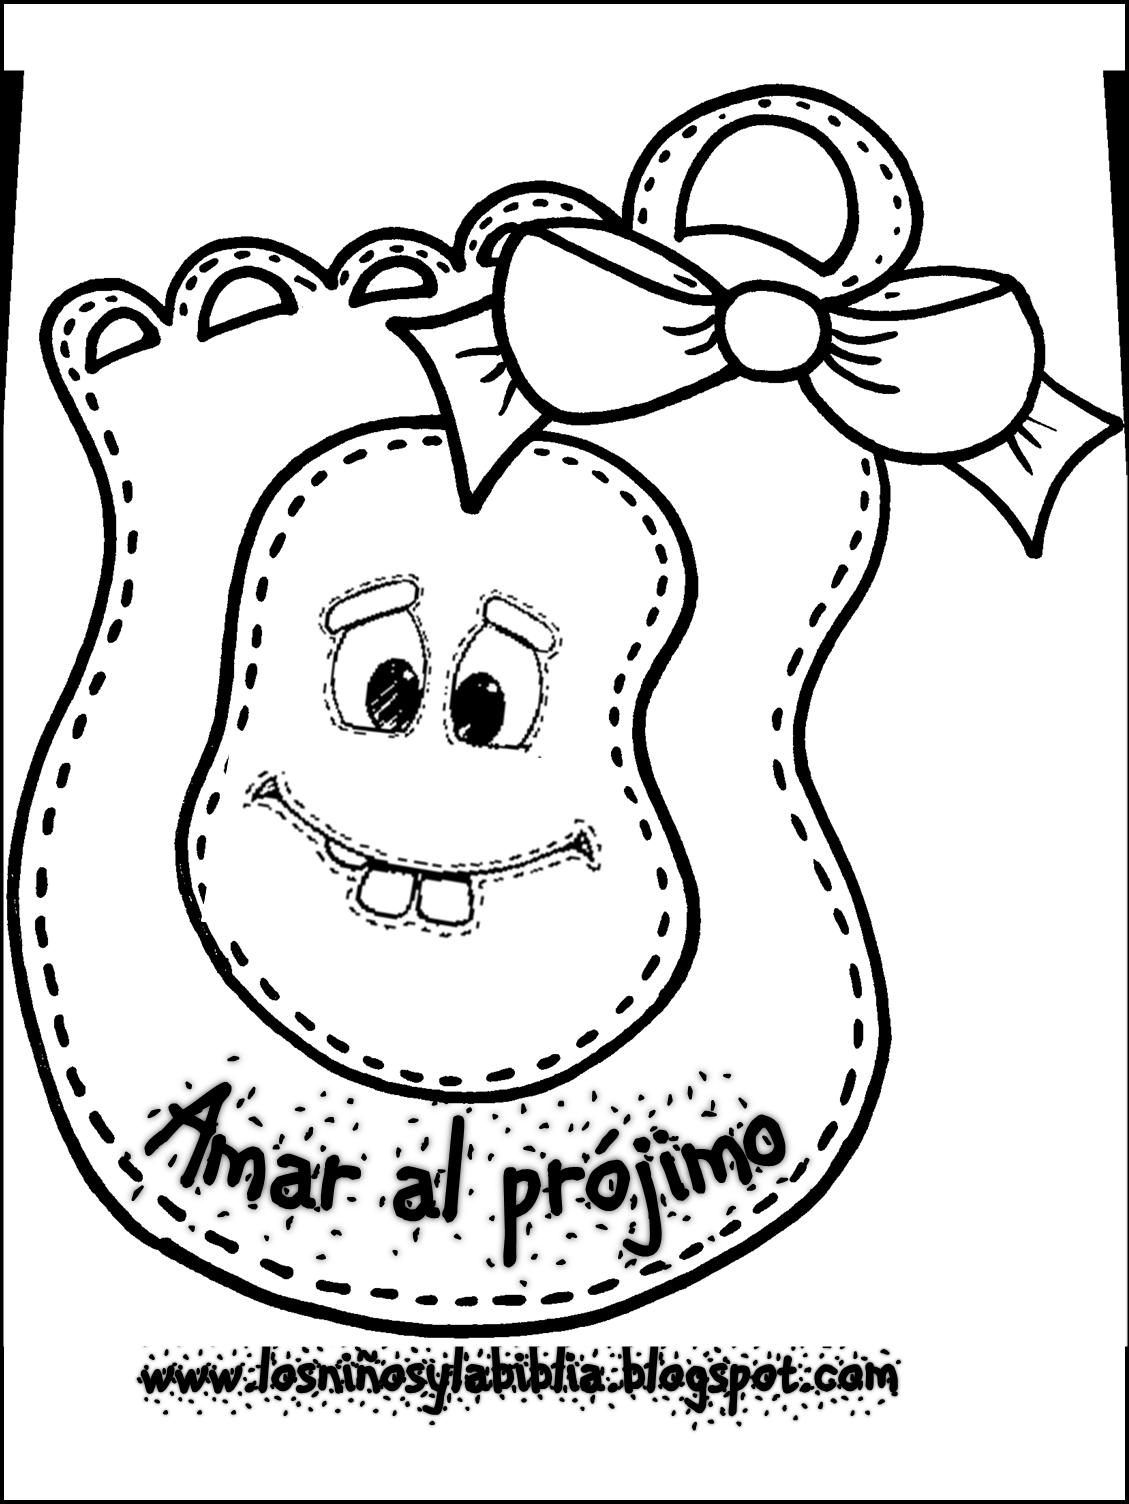 Pin by Sonia RL on Dibujos biblicos | Pinterest